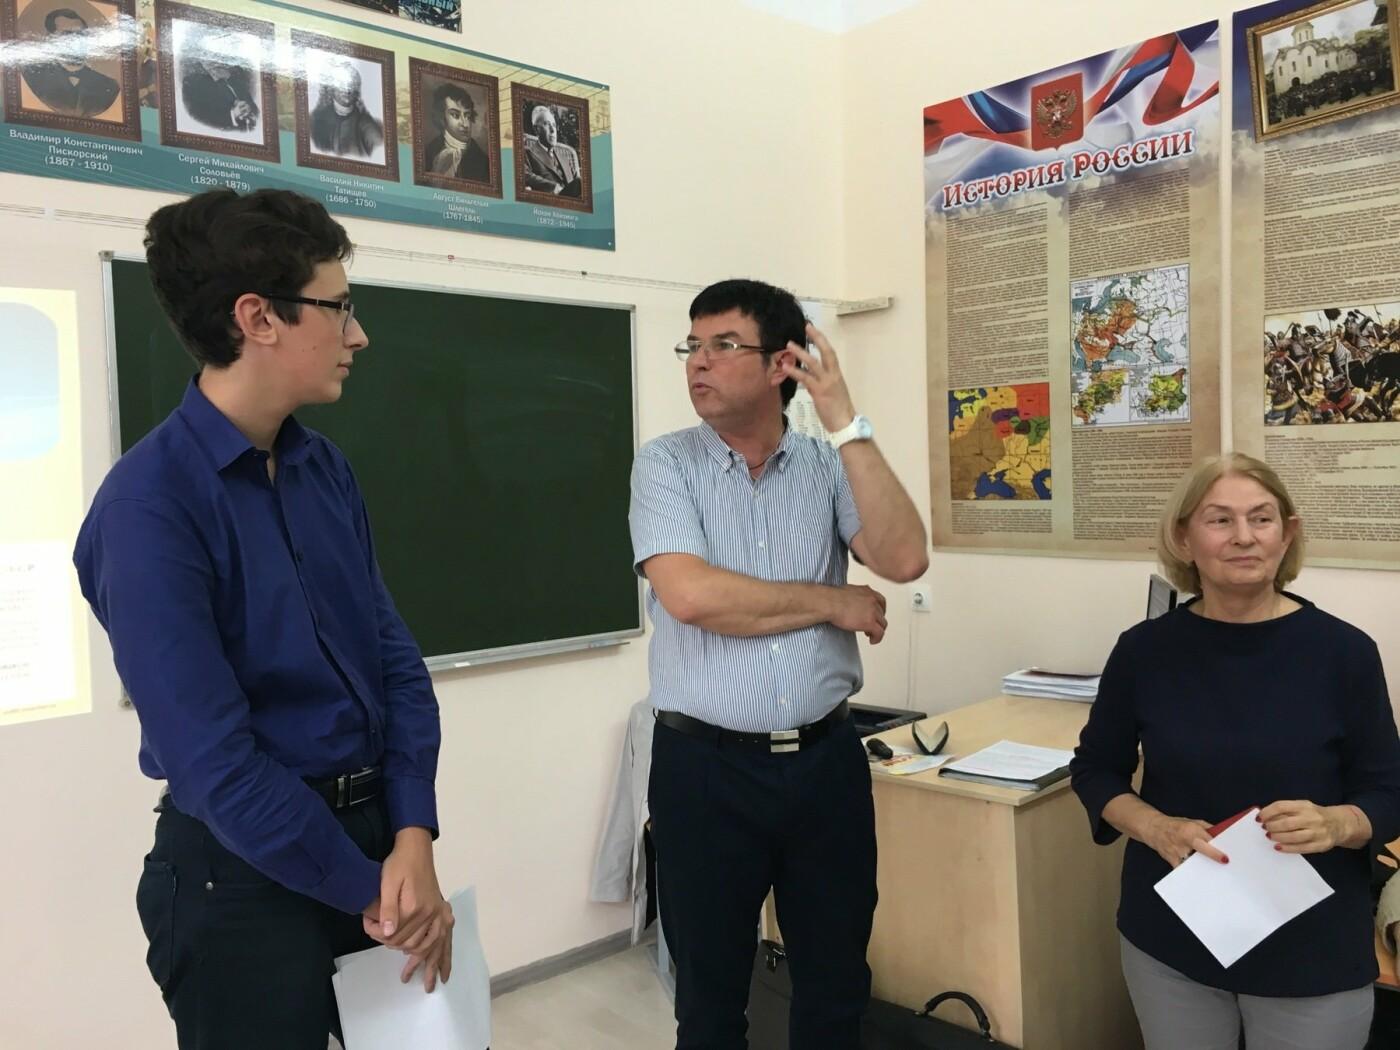 Исторический клуб провел выездное заседание в ялтинской школе, фото-1